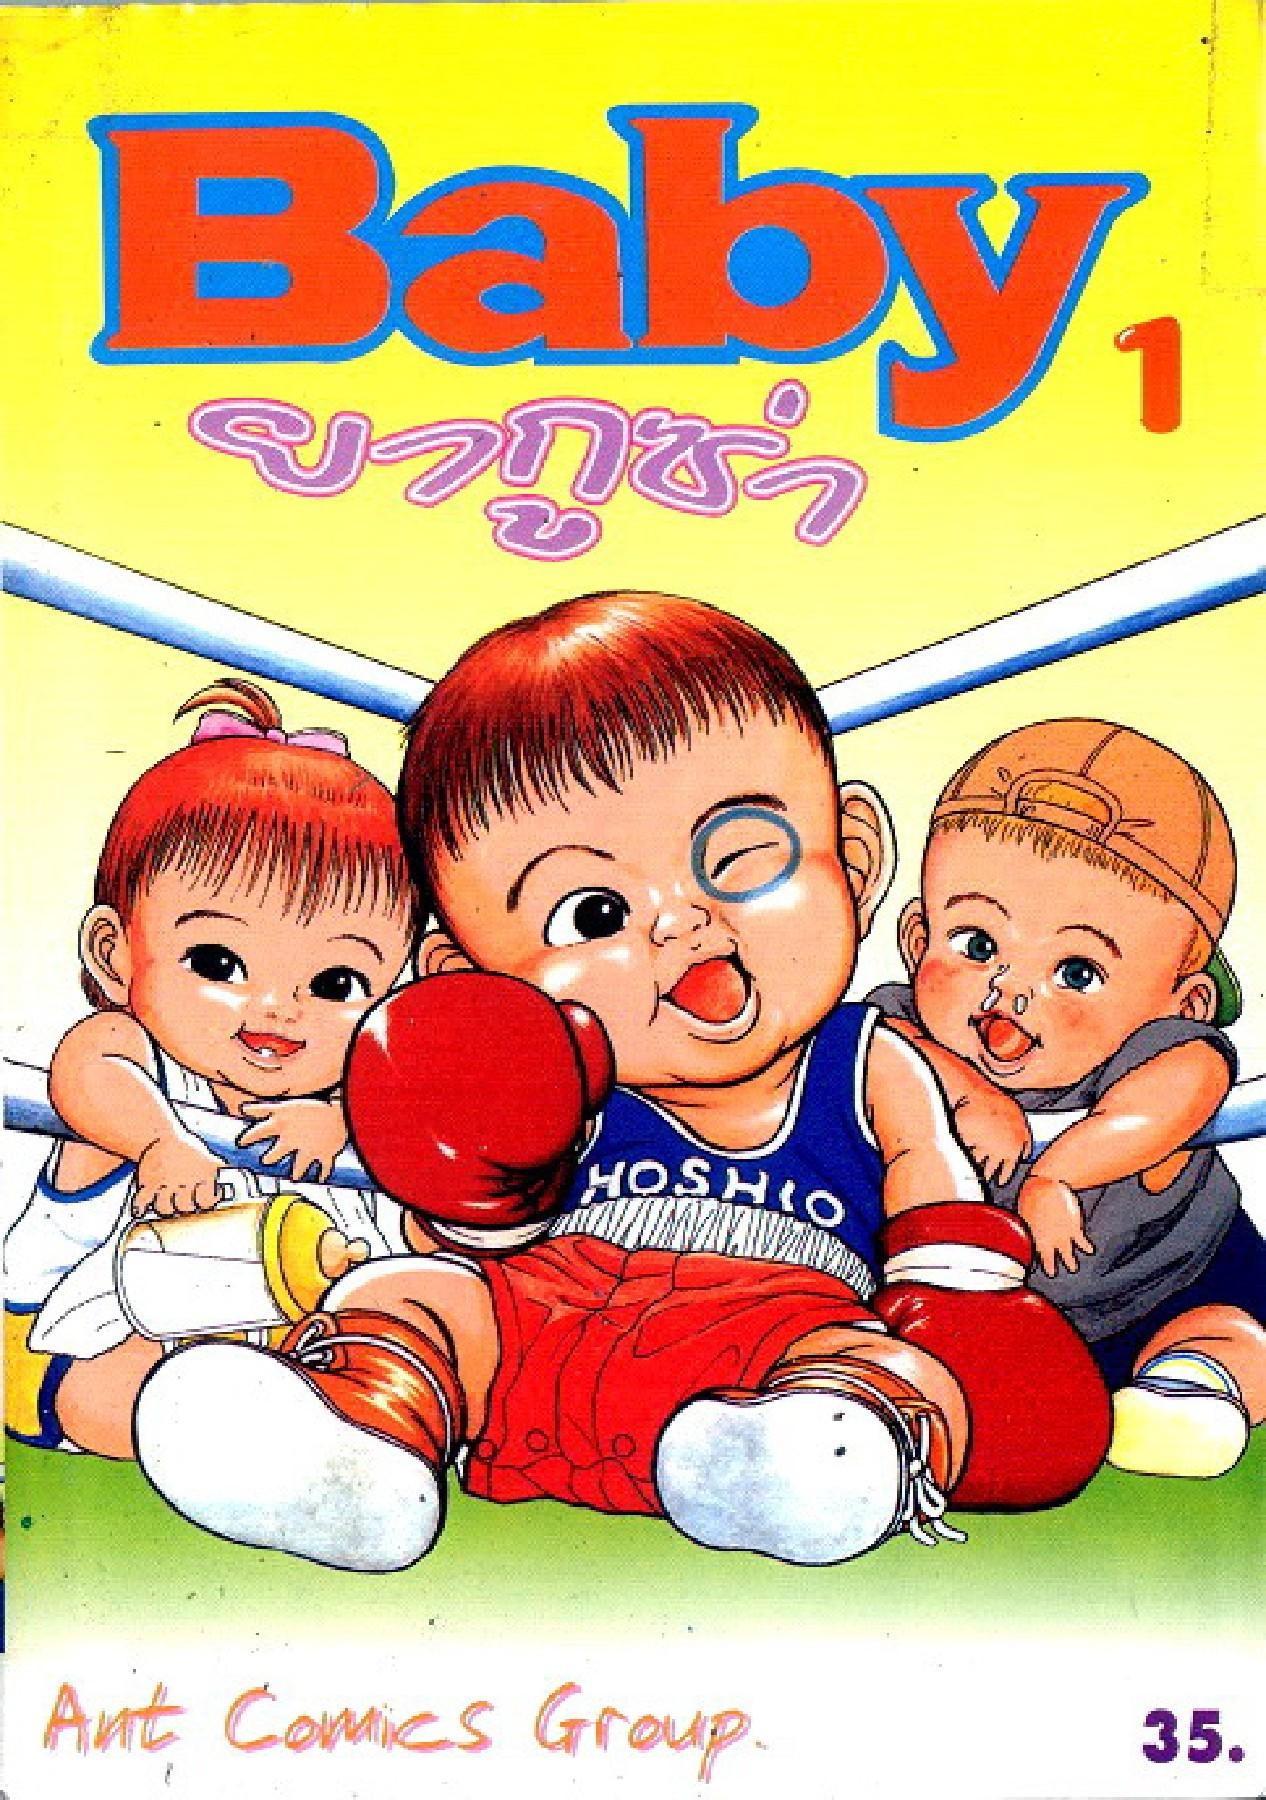 Teiyandei Baby Baby ยากูซ่า เล่มที่ 1-7